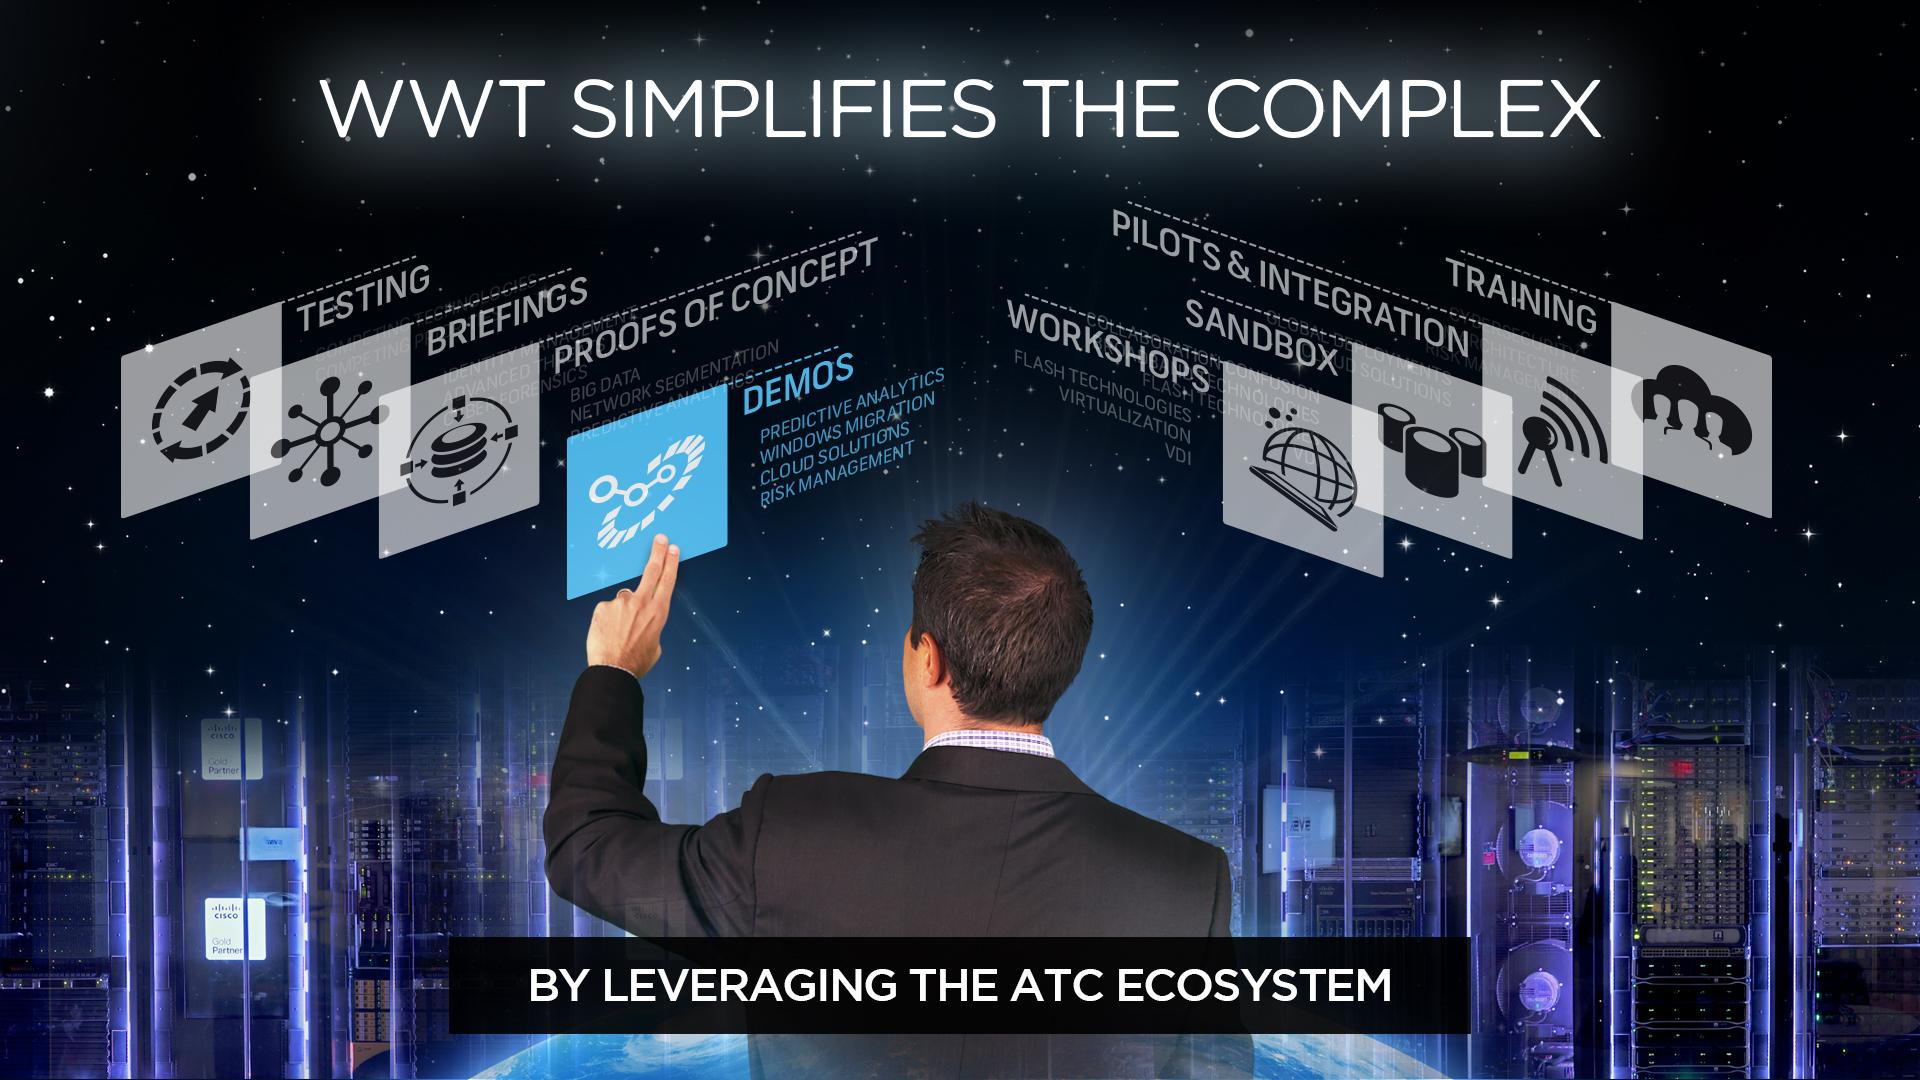 WWT_ATC